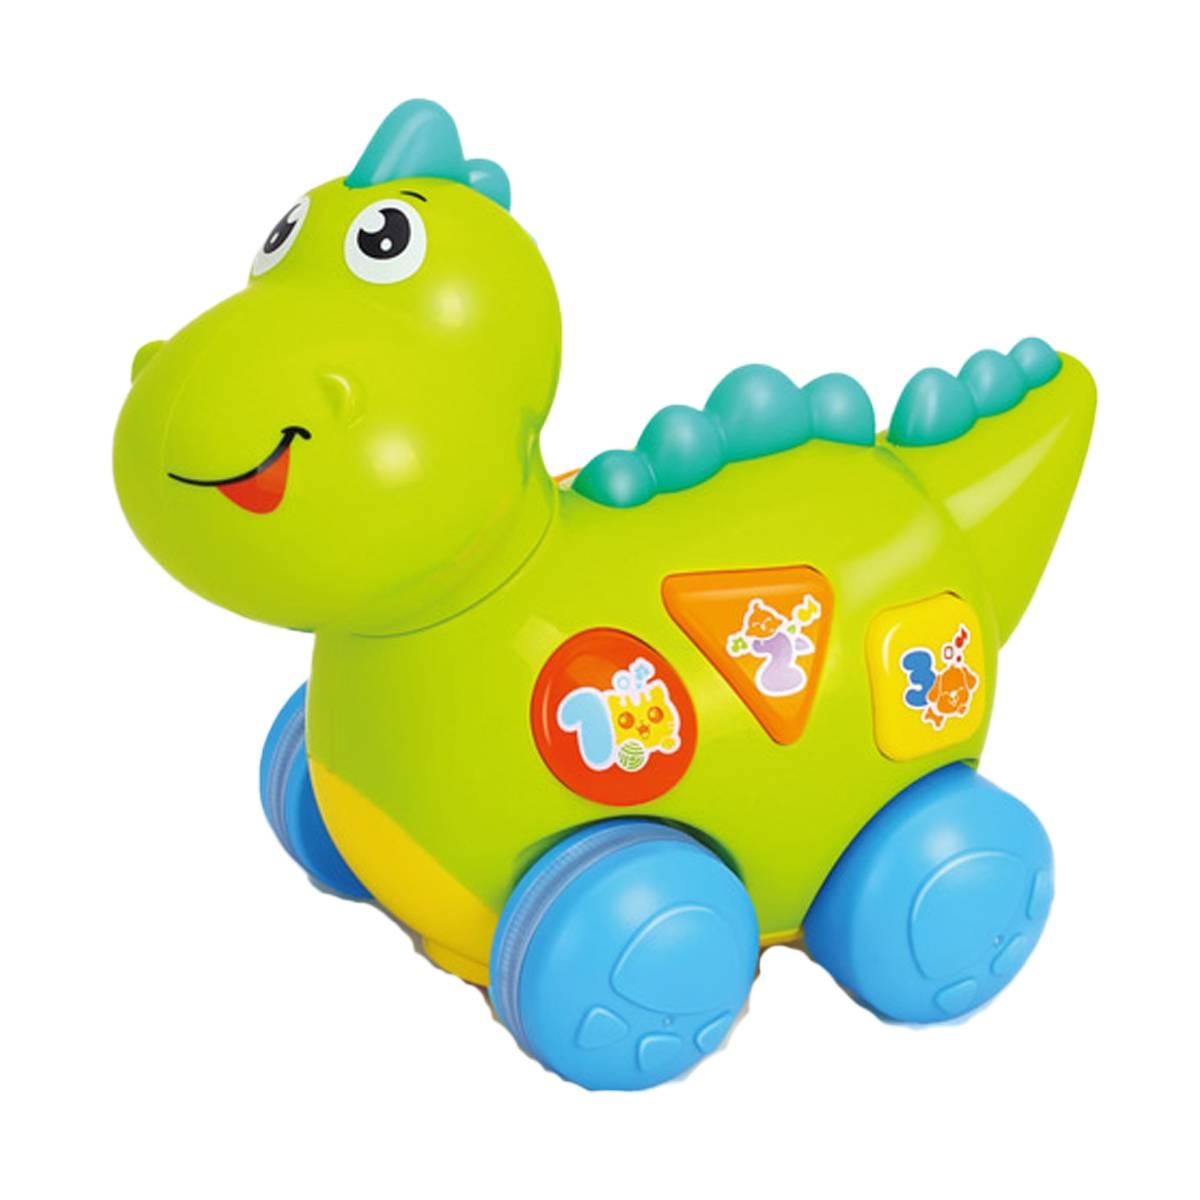 Развивающая игрушка PlaySmart Малыш Дино